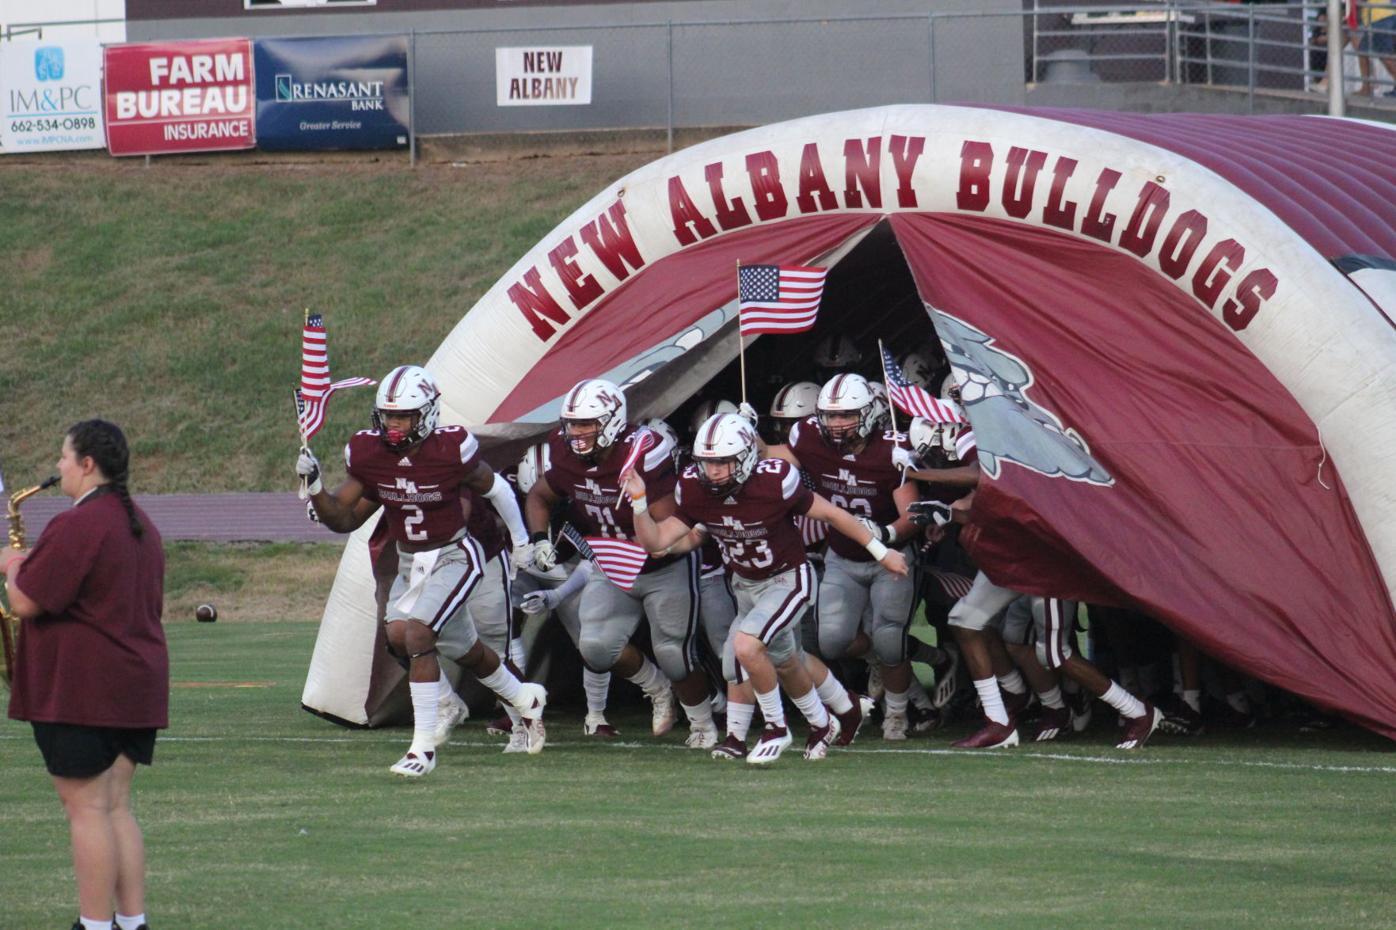 Here come the Bulldogs